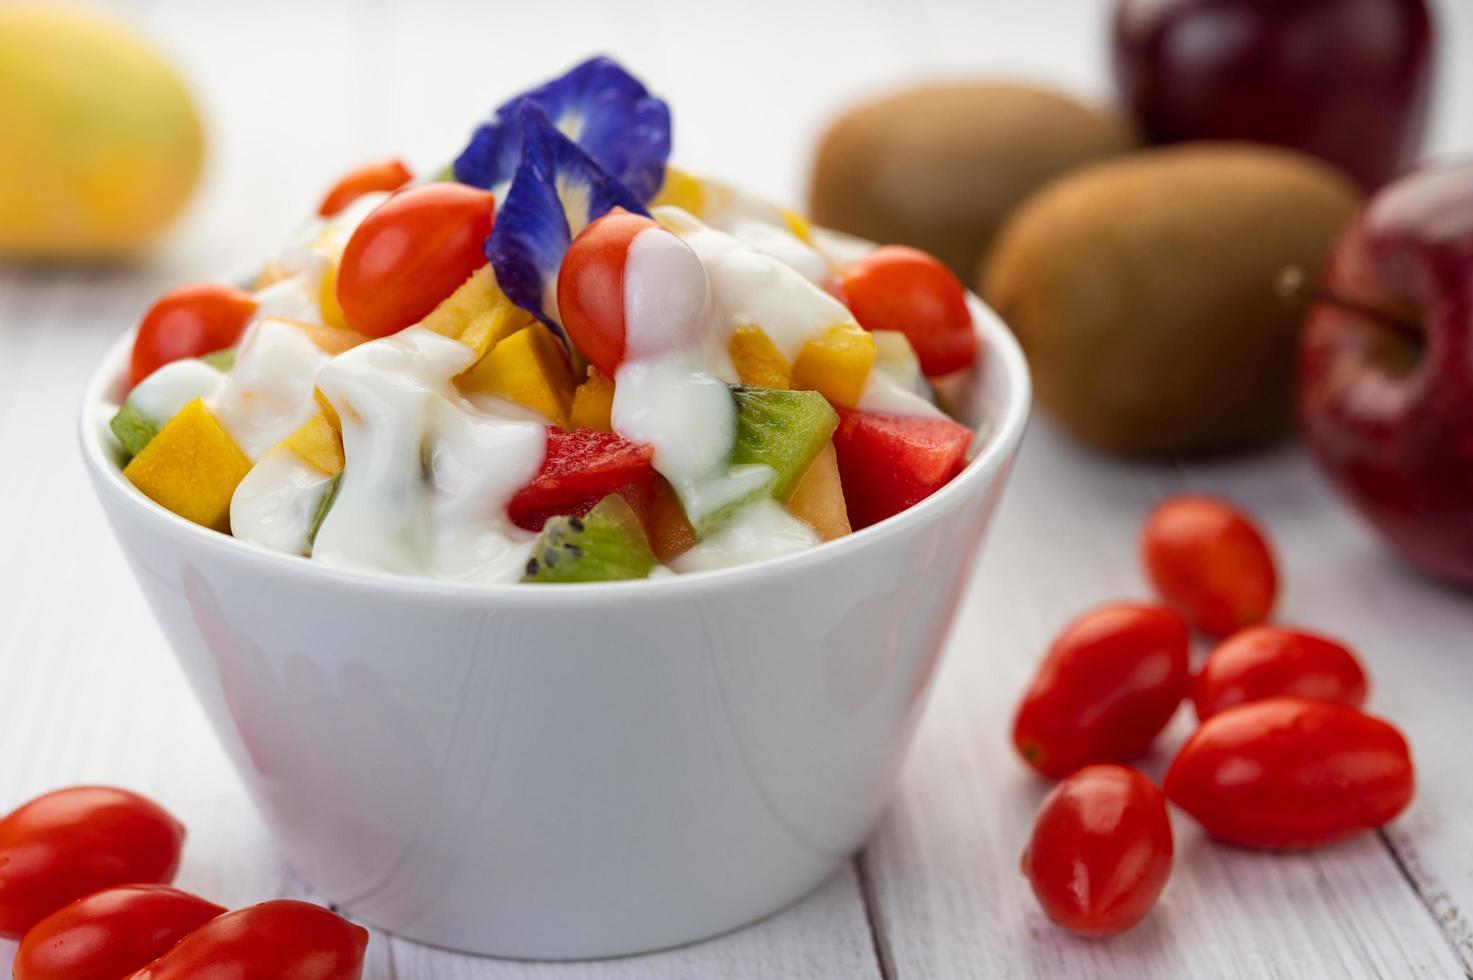 färsk frukt och yoghurt foto